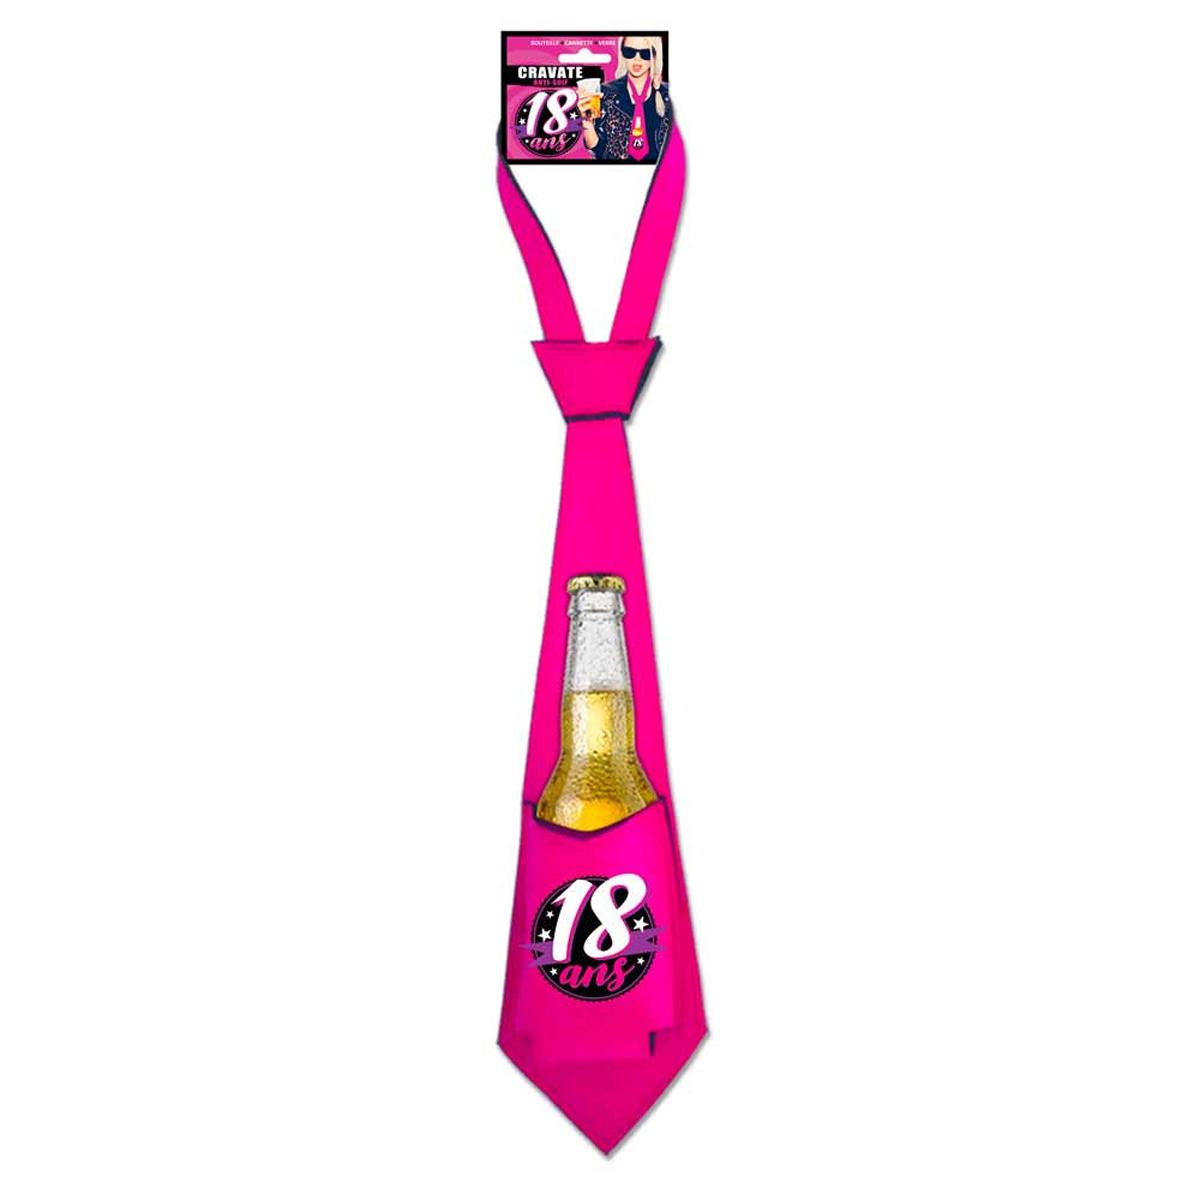 Cravate anti-soif \'18 ans\' rose - 64x12 cm - [Q9540]